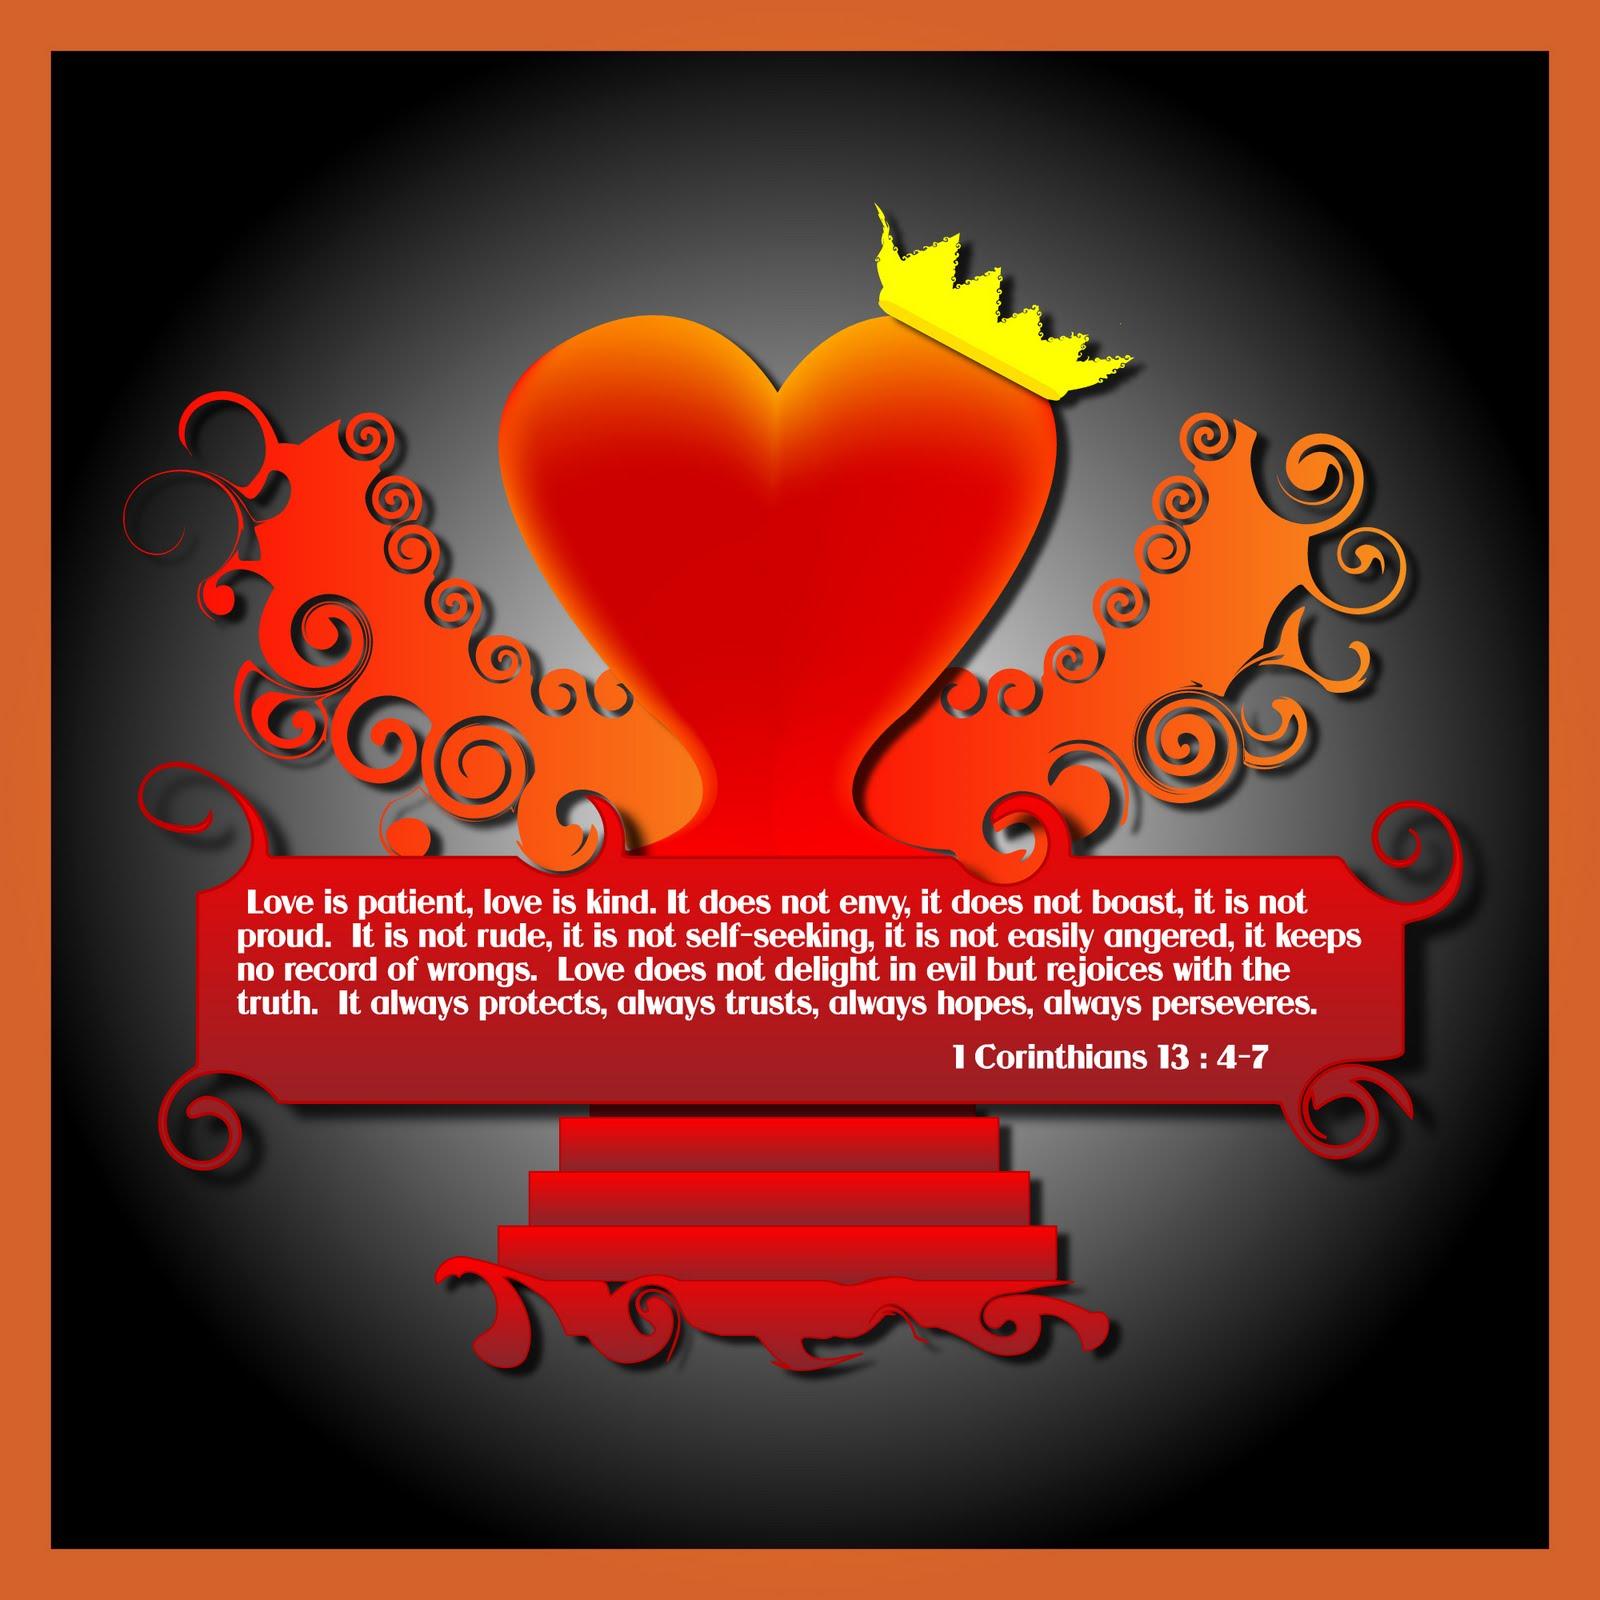 http://2.bp.blogspot.com/_K9fQJyN-dI4/Swir1USm_zI/AAAAAAAAA1k/Xk1j84B8I_Q/s1600/Love-bibleverse.jpg